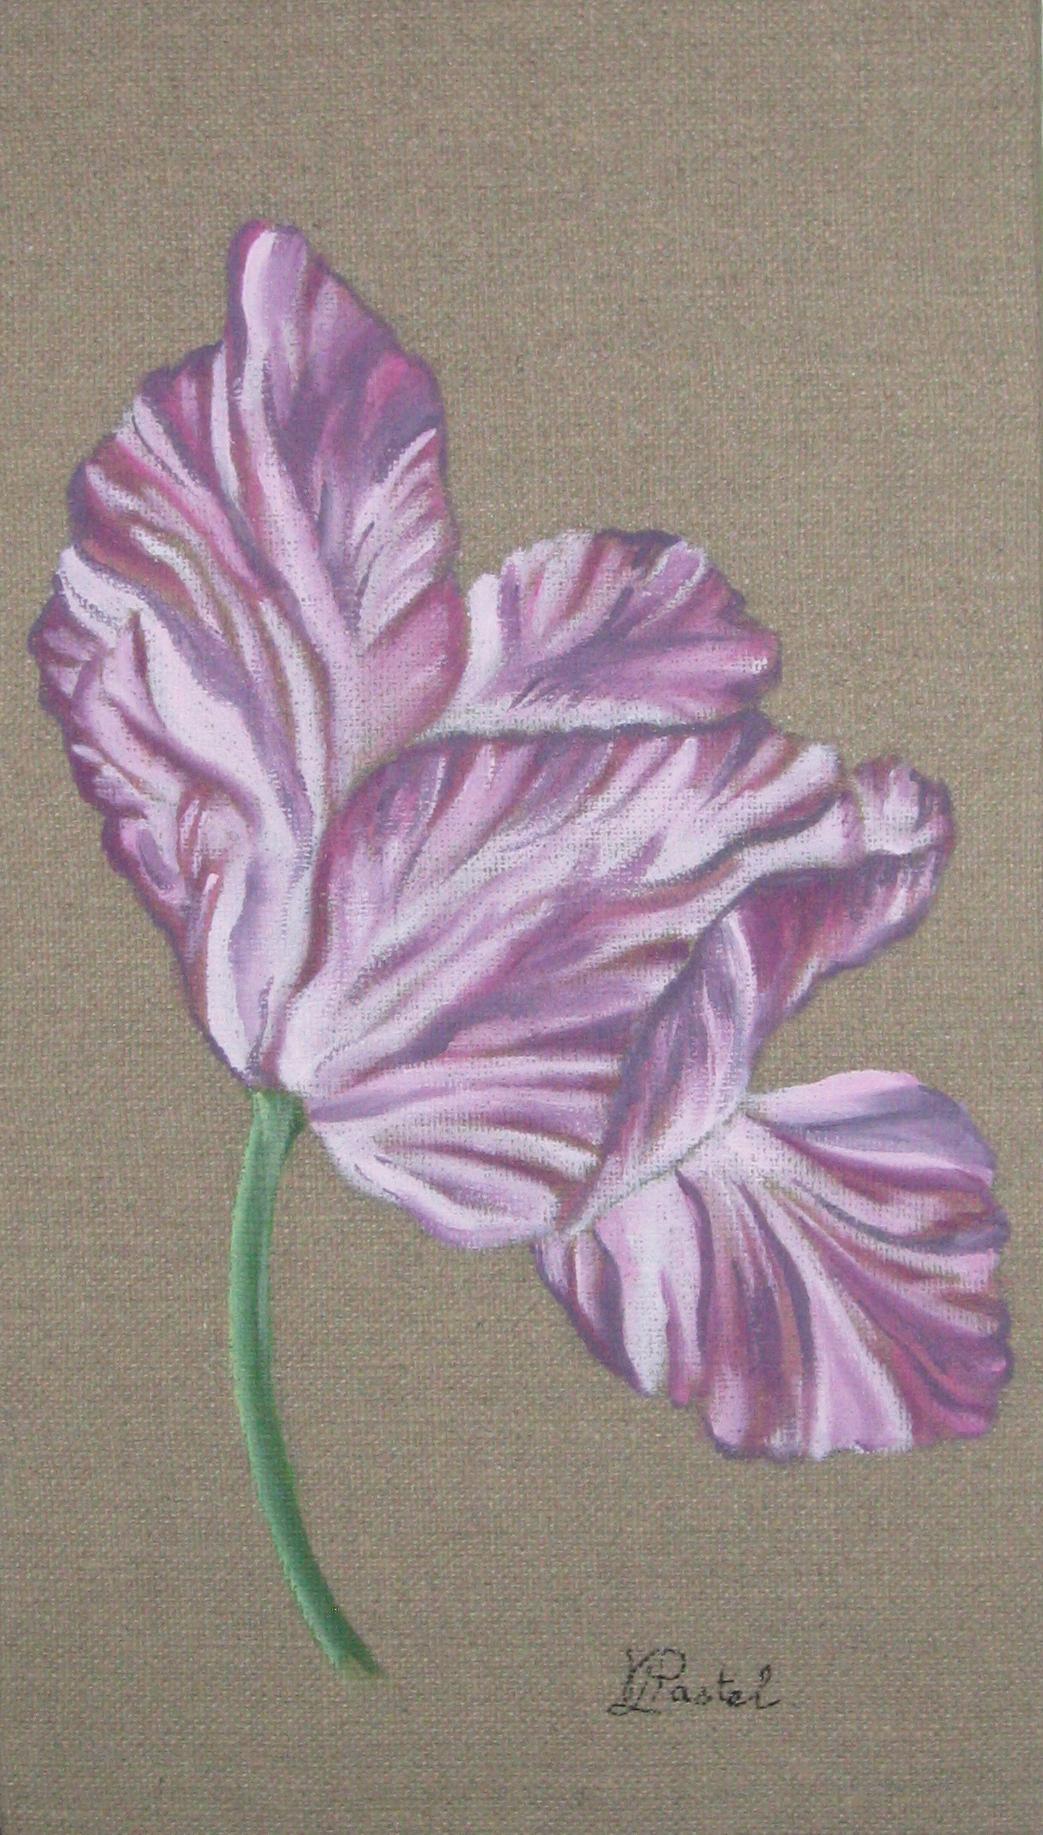 Tulipe bi-color